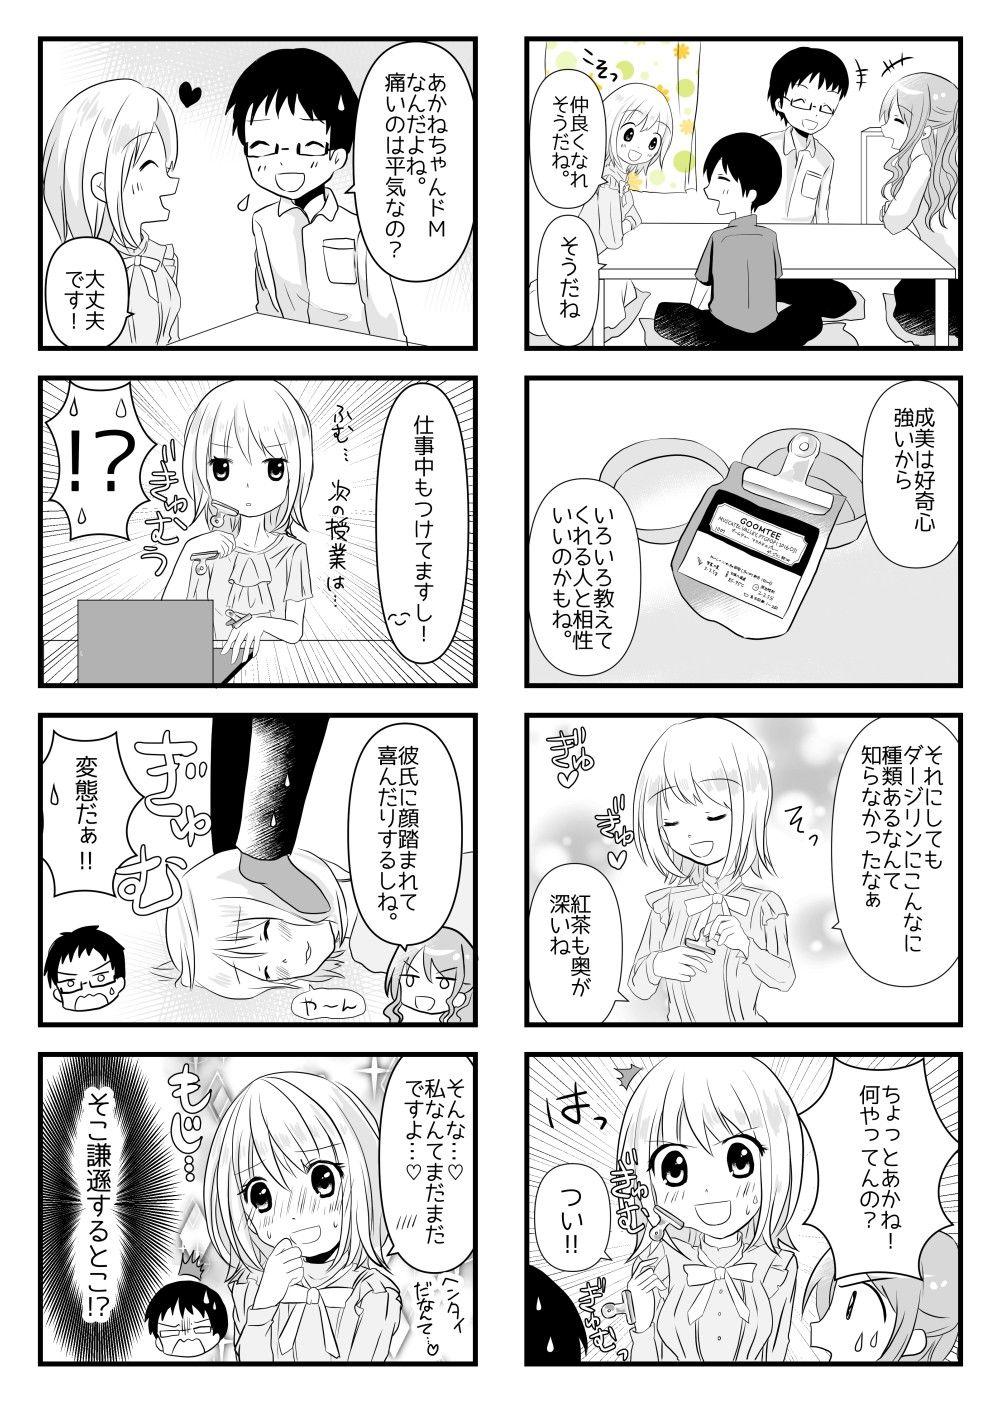 [レースクィーン]「Part.4 週刊レースクイーンコレクション 山野美咲」(山野美咲)